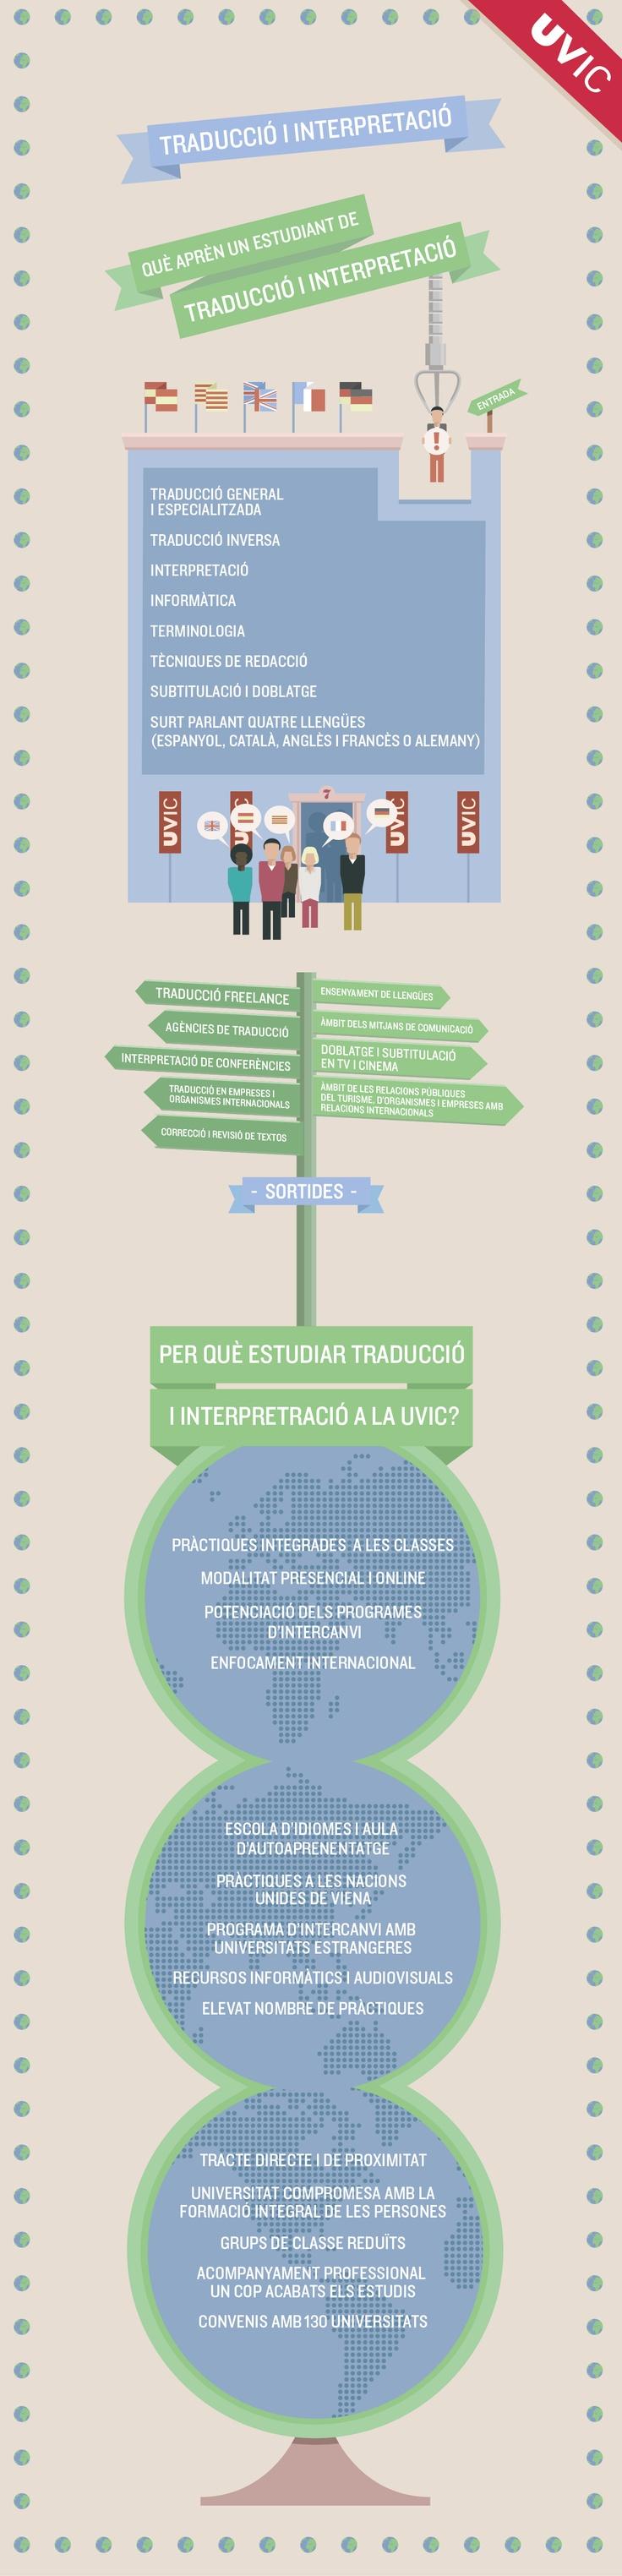 Infografia del Grau en Traducció i Interpretació. #UVic #Infografia #infografies #traducció #interpretació #grau #graus